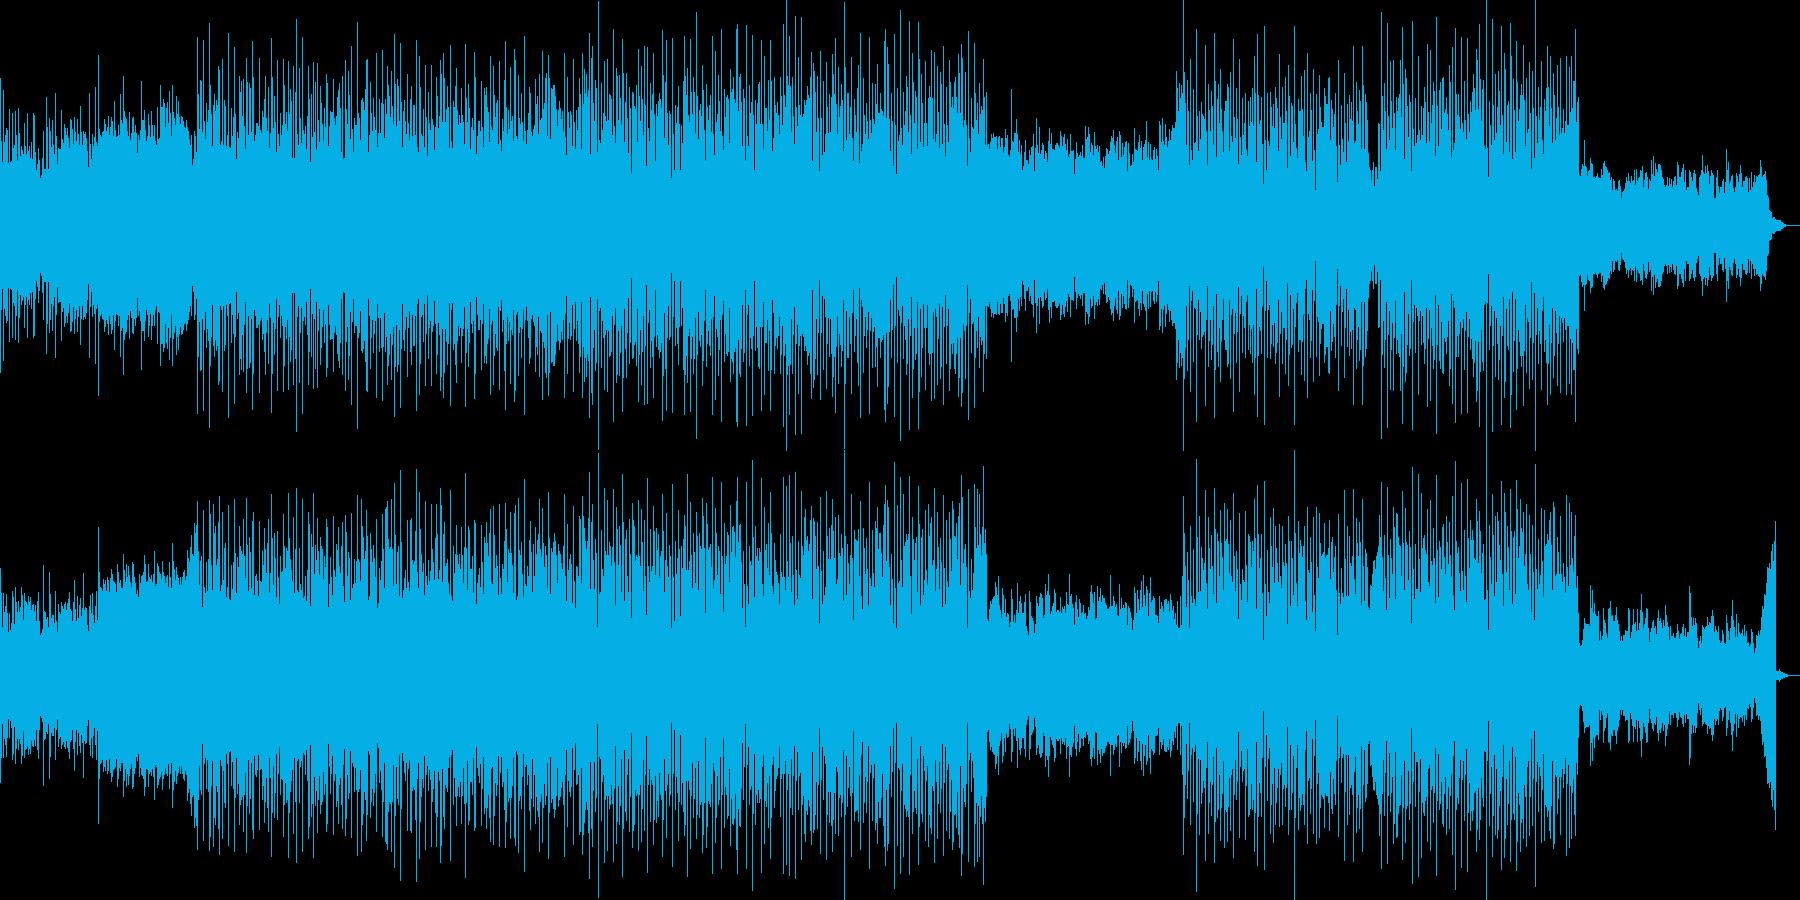 切なく美しい旋律と疾走感のBGMの再生済みの波形